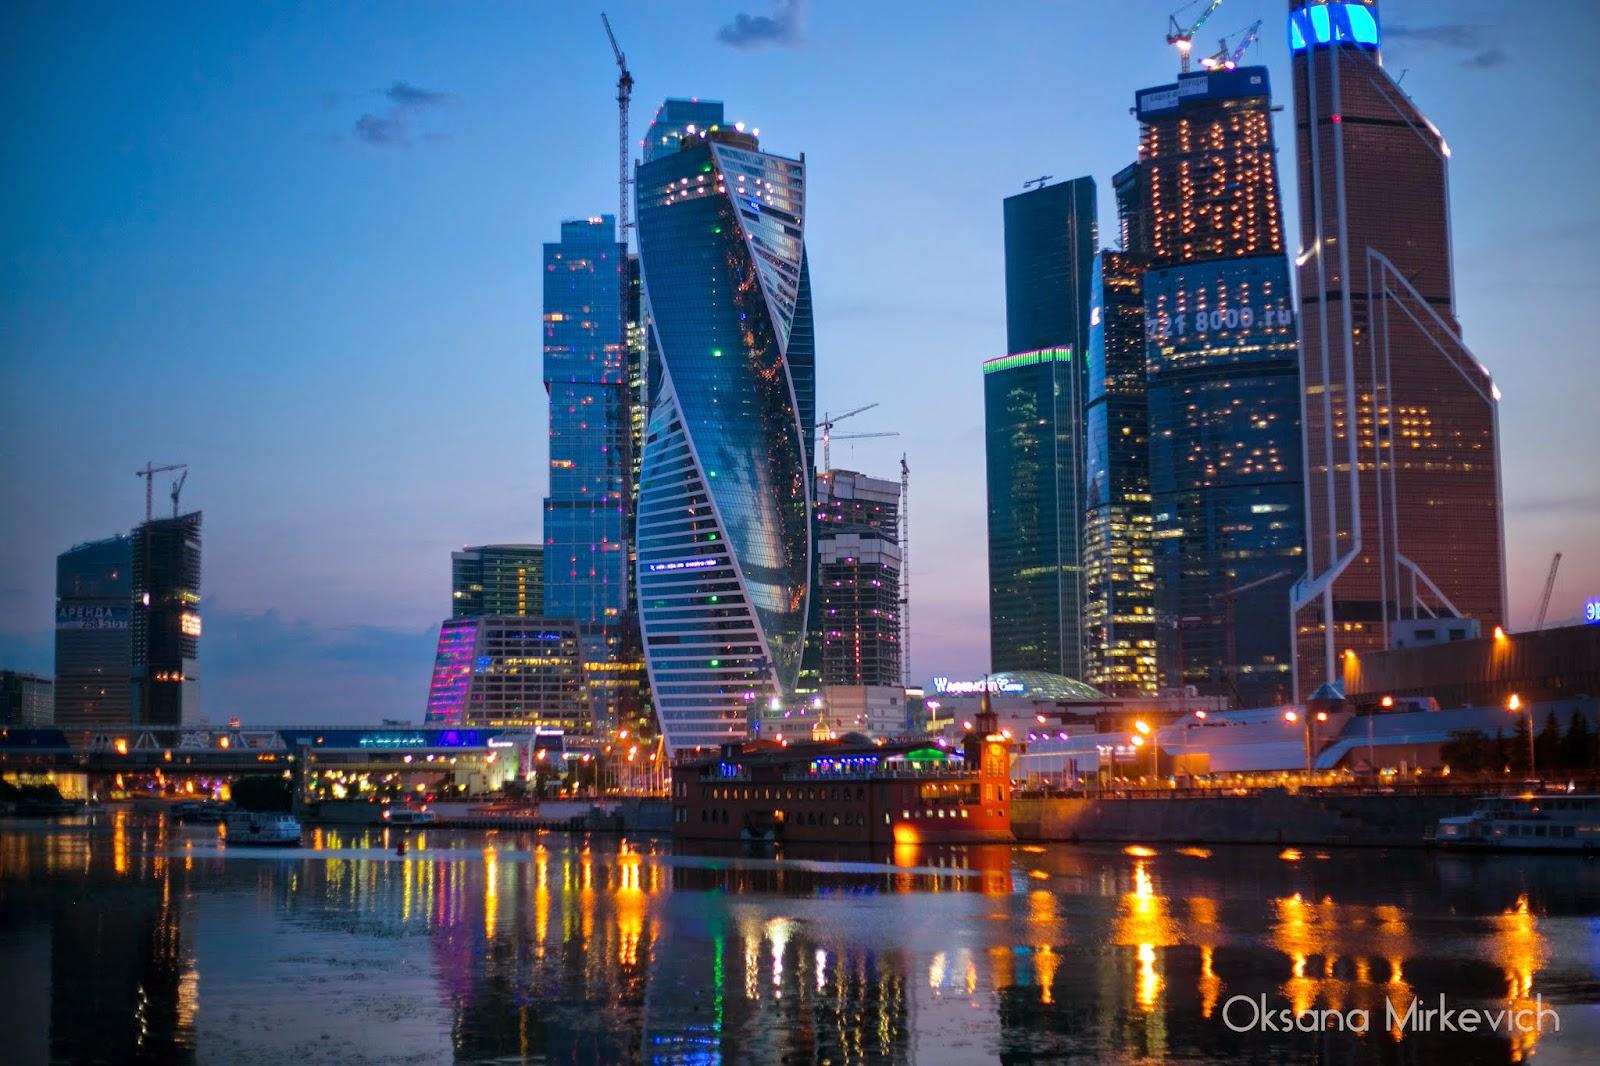 МоскваСити деловой центр недвижимость башни